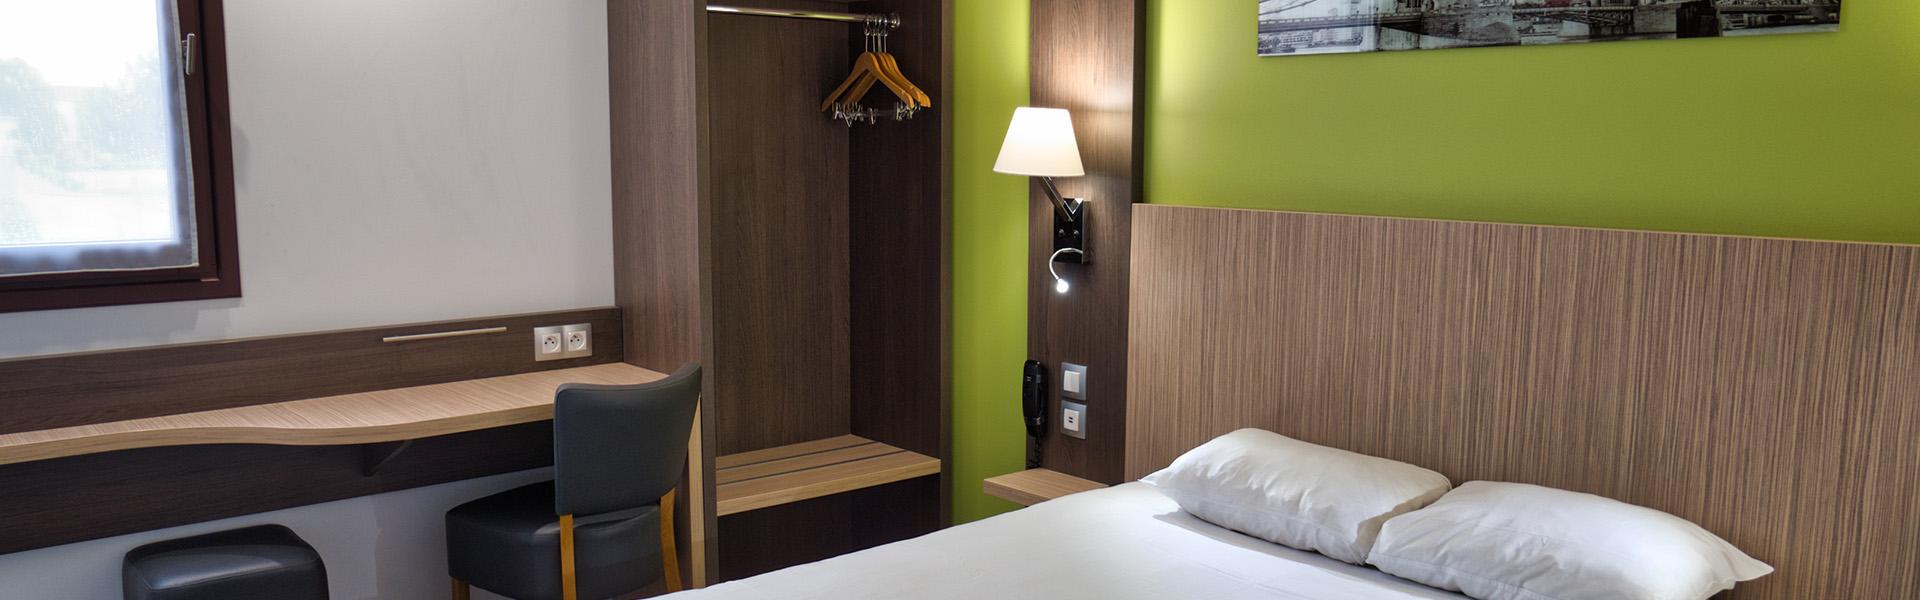 hotel_le_seinomarin_accueil_slider_chambre_vert